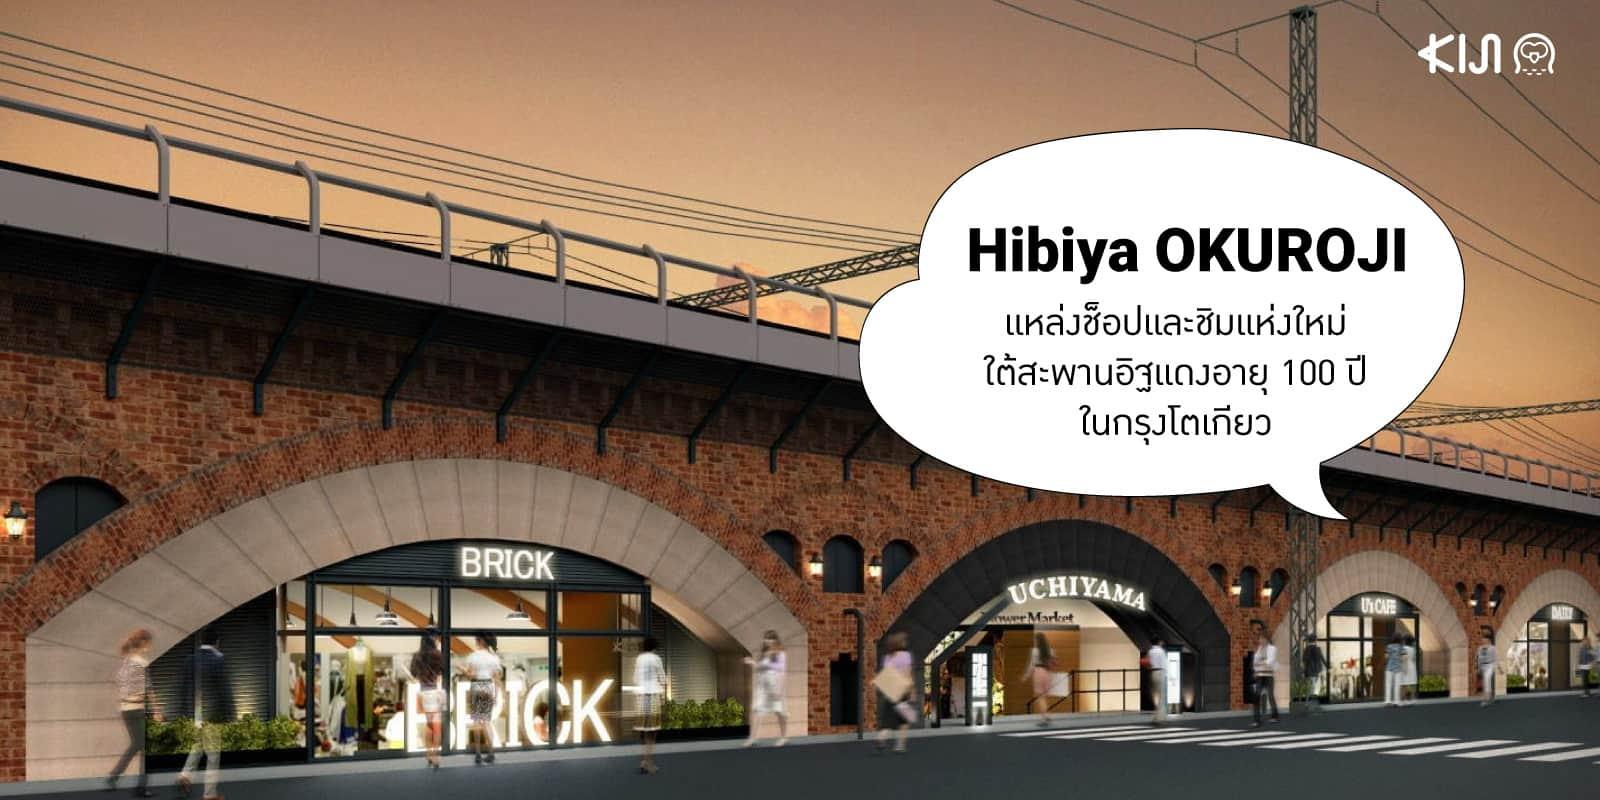 ย่านการค้า Hibiya OKUROJI